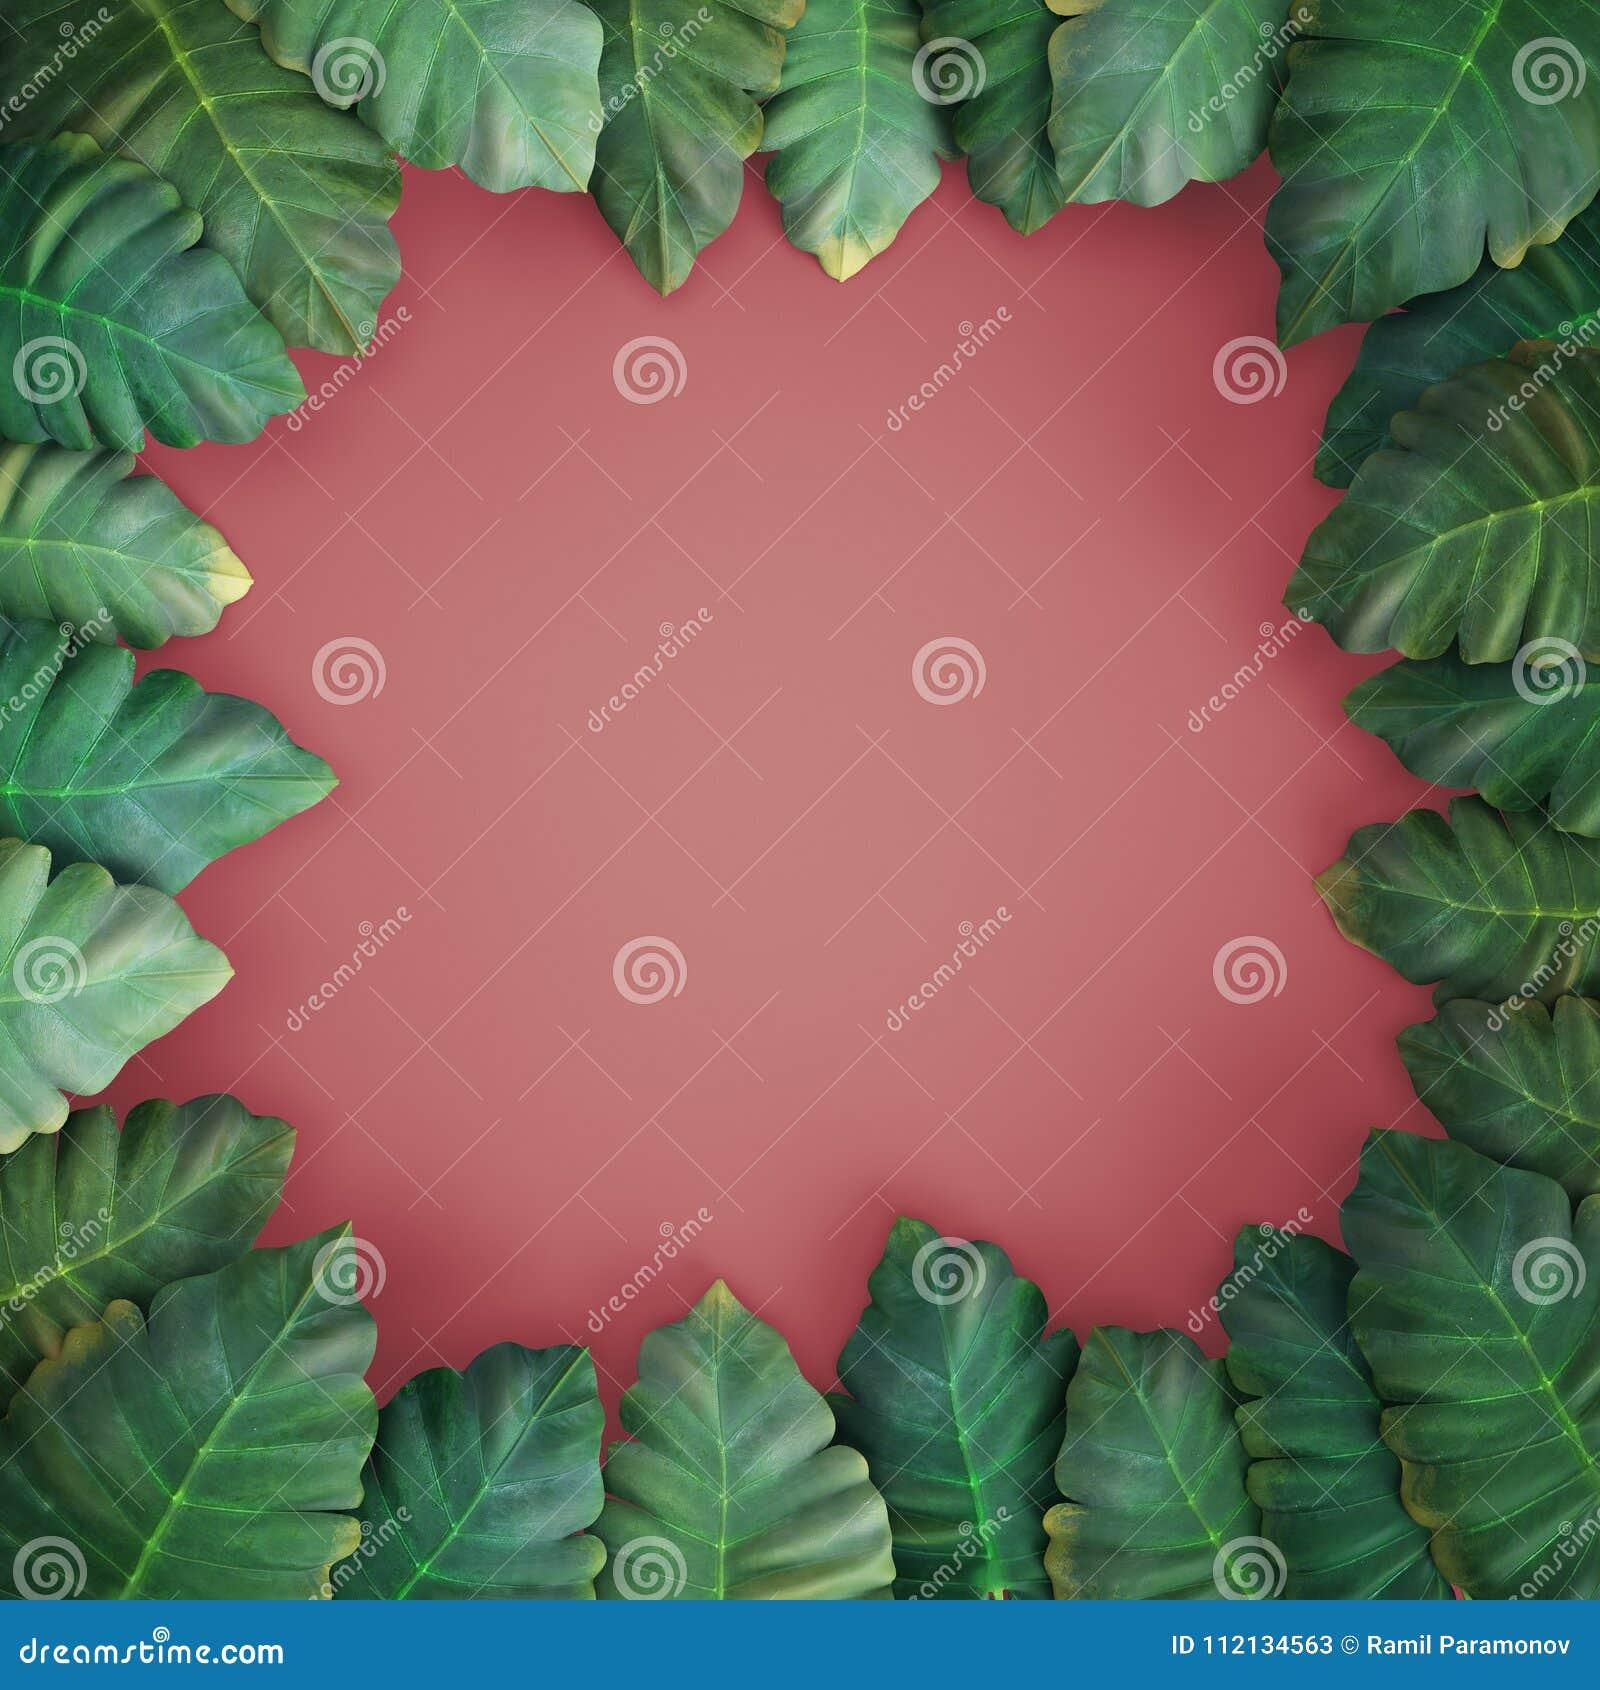 3d renderr tropische bladeren, alocasia, roze achtergrond